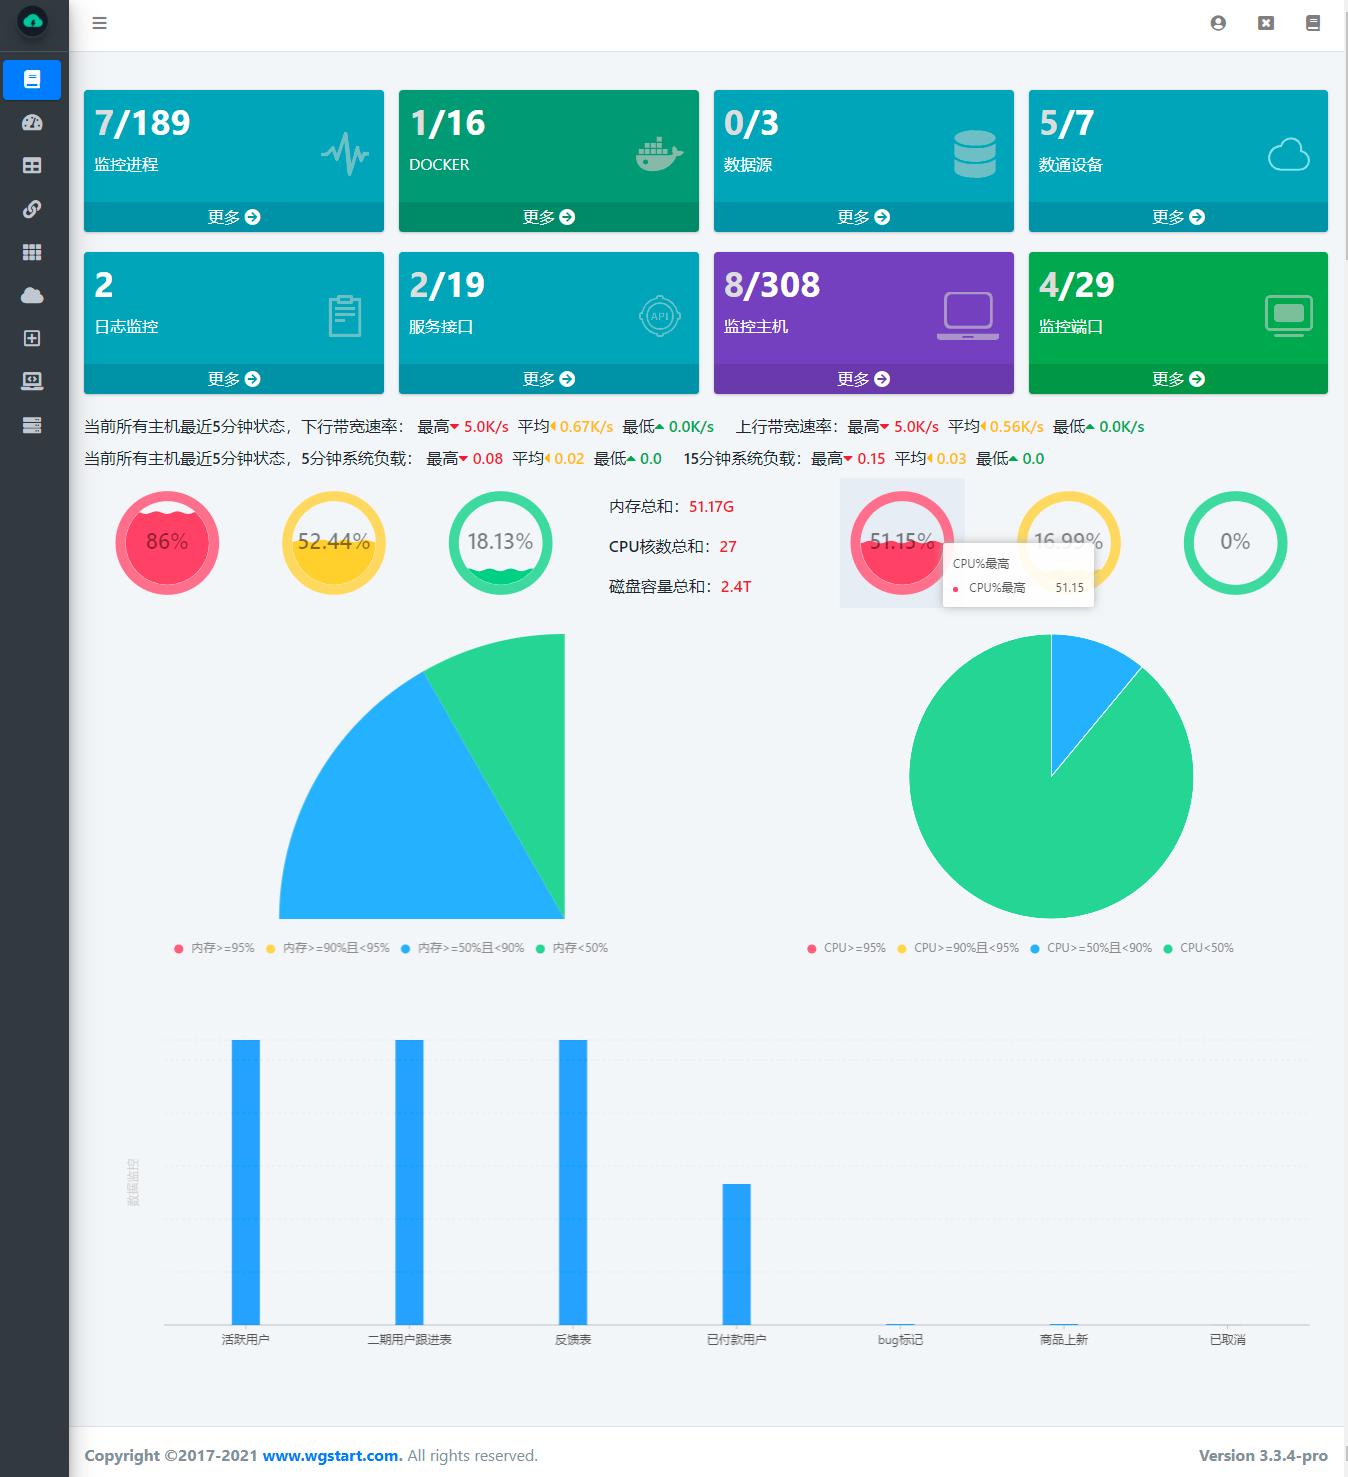 分布式监控系统 WGCLOUD,基础组件升级提升性能